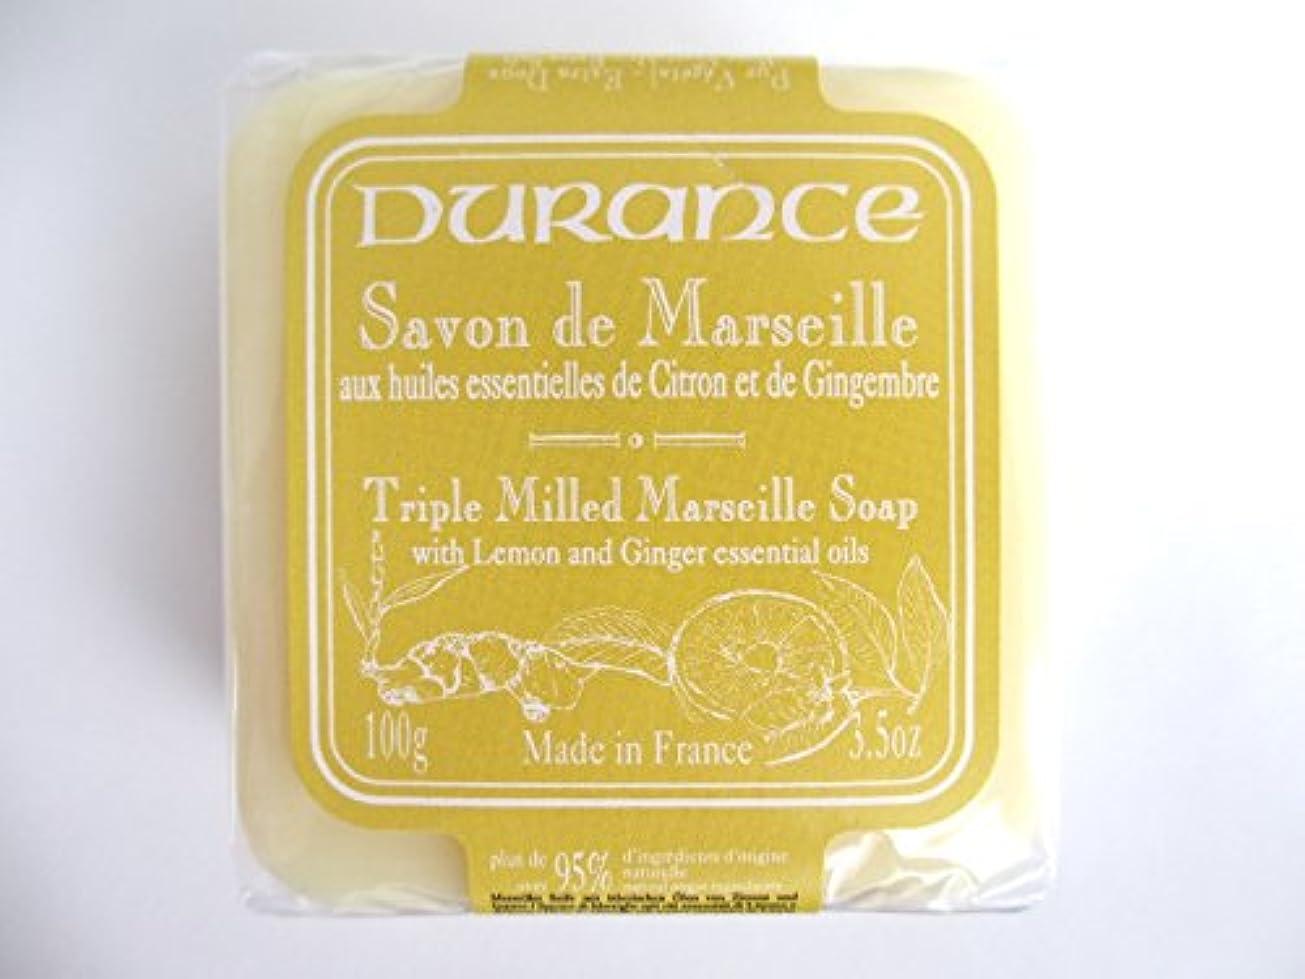 宿泊施設農民不透明なデュランス 【マルセイユソープ】 レモンジンジャー 固形 100g 95%以上 天然成分 洗顔 全身